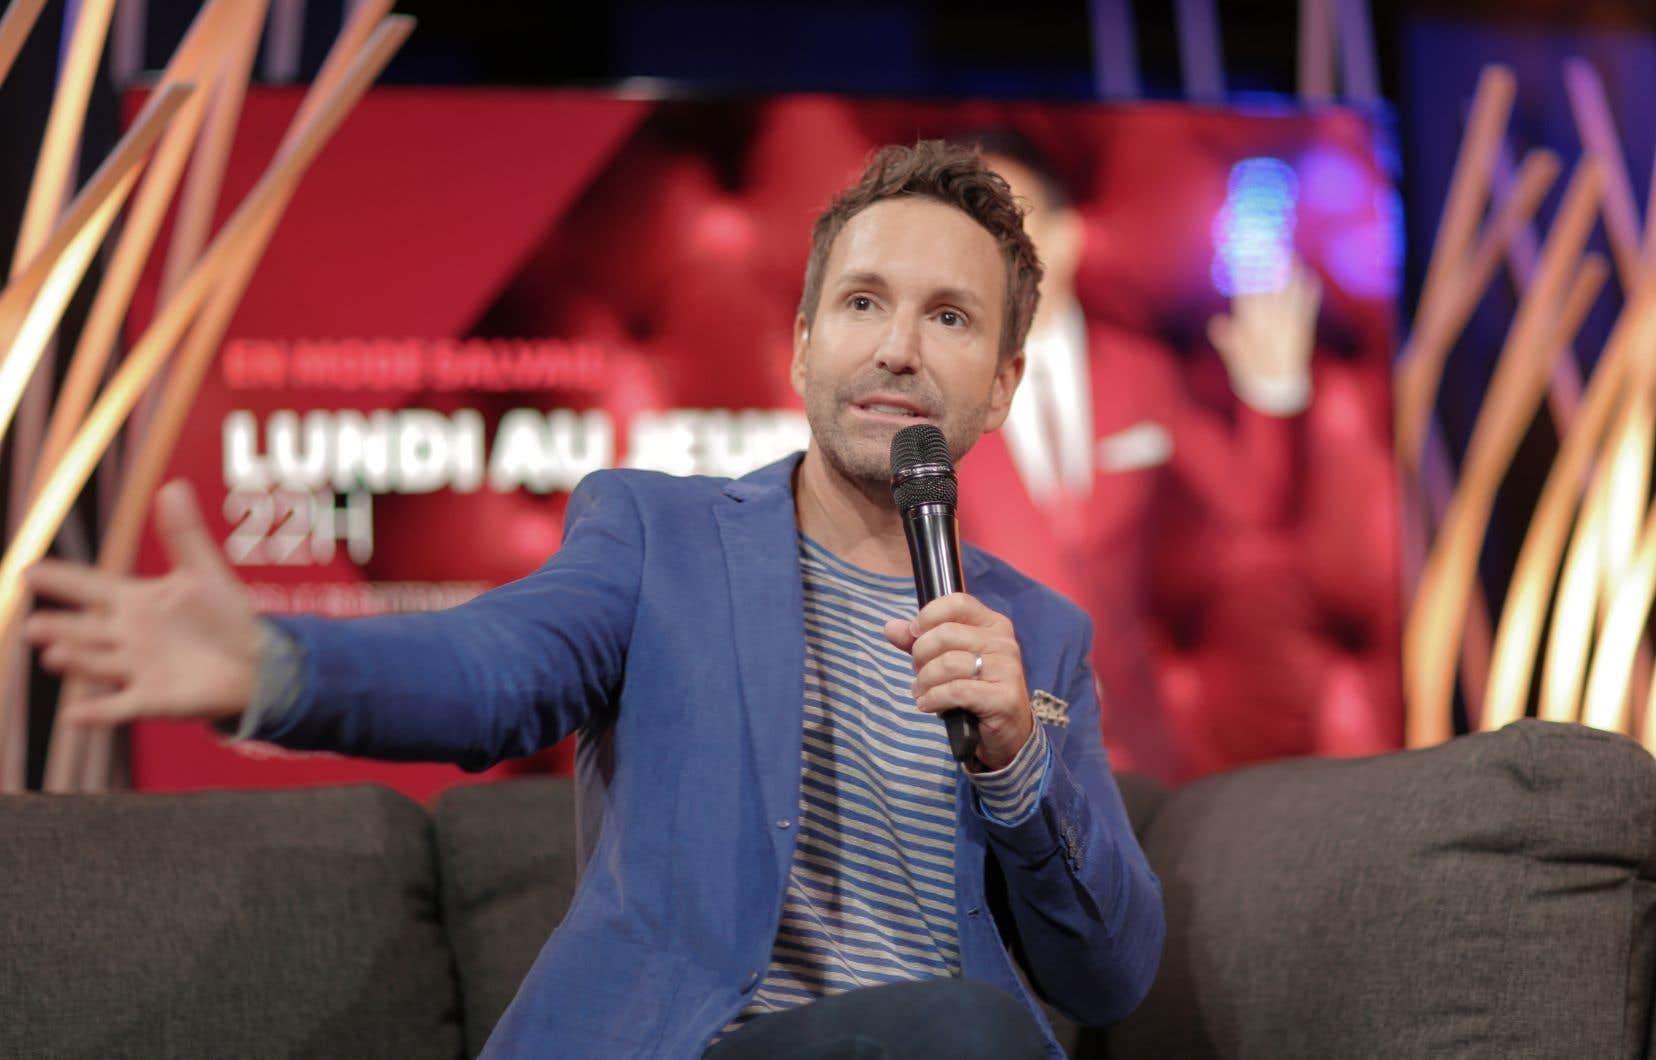 À l'automne 2017, Éric Salvail avait brusquement quitté la sphère médiatique québécoise après des allégations d'inconduite sexuelle.